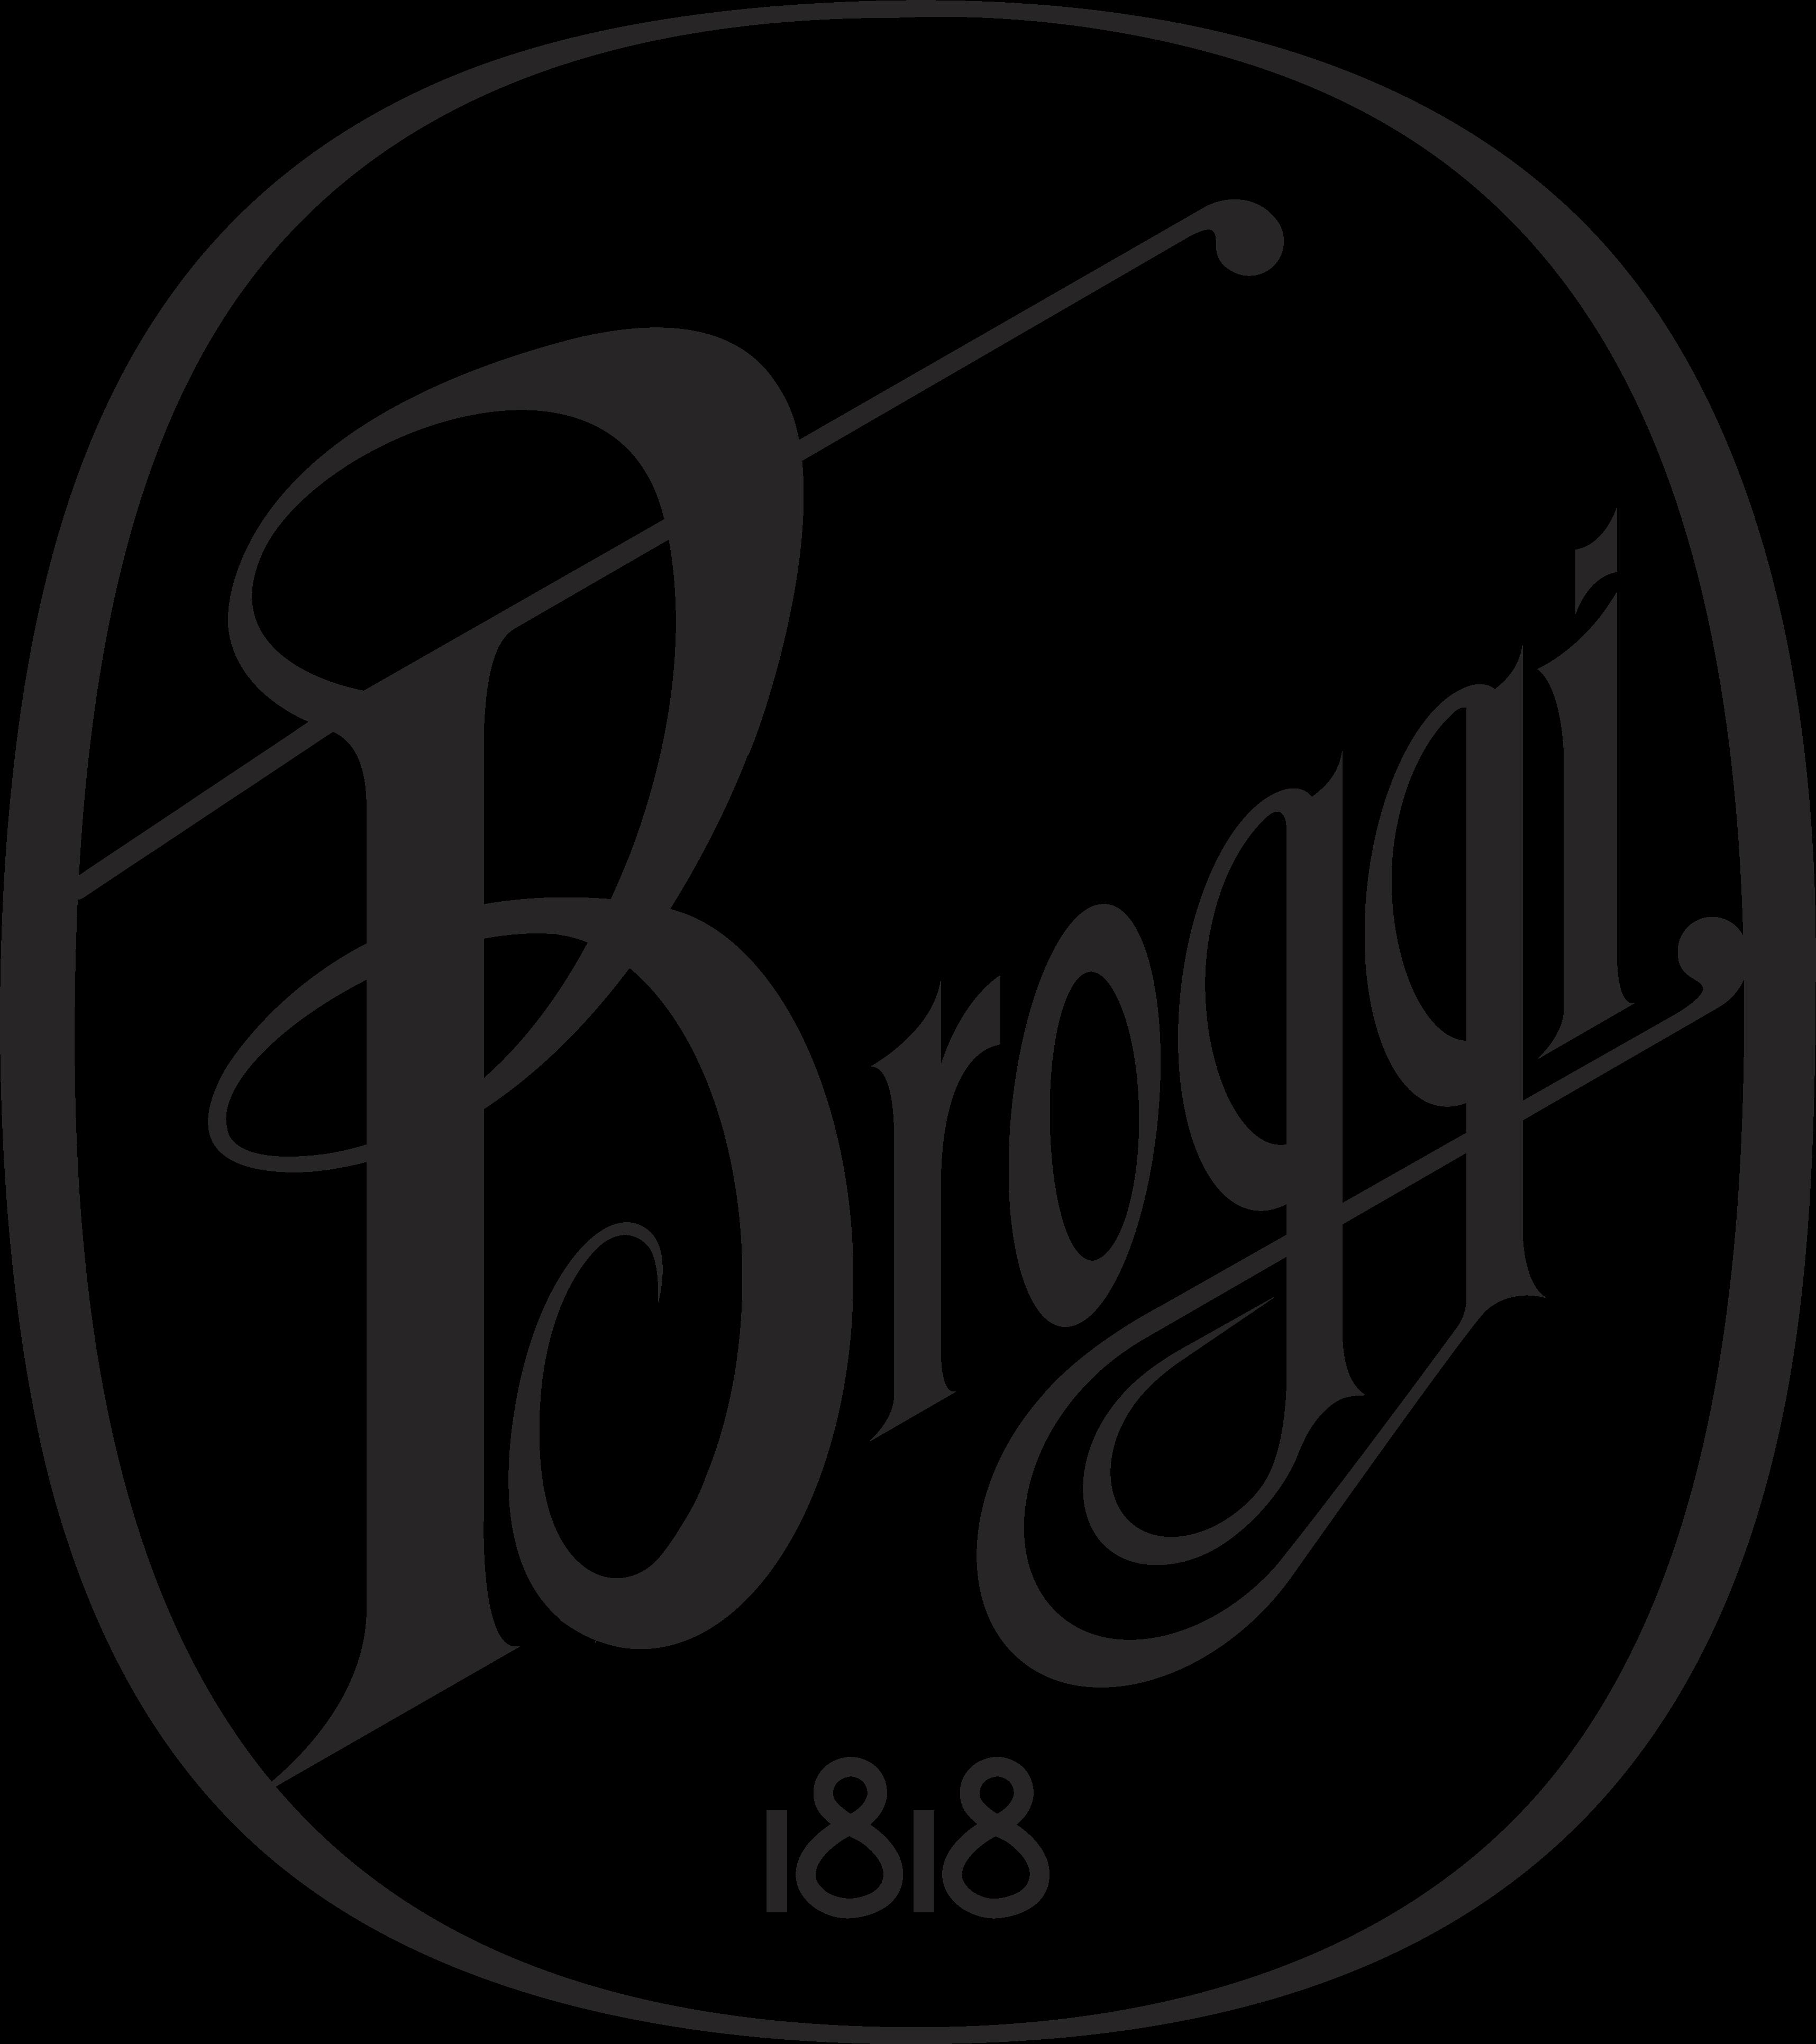 Broggi 1818